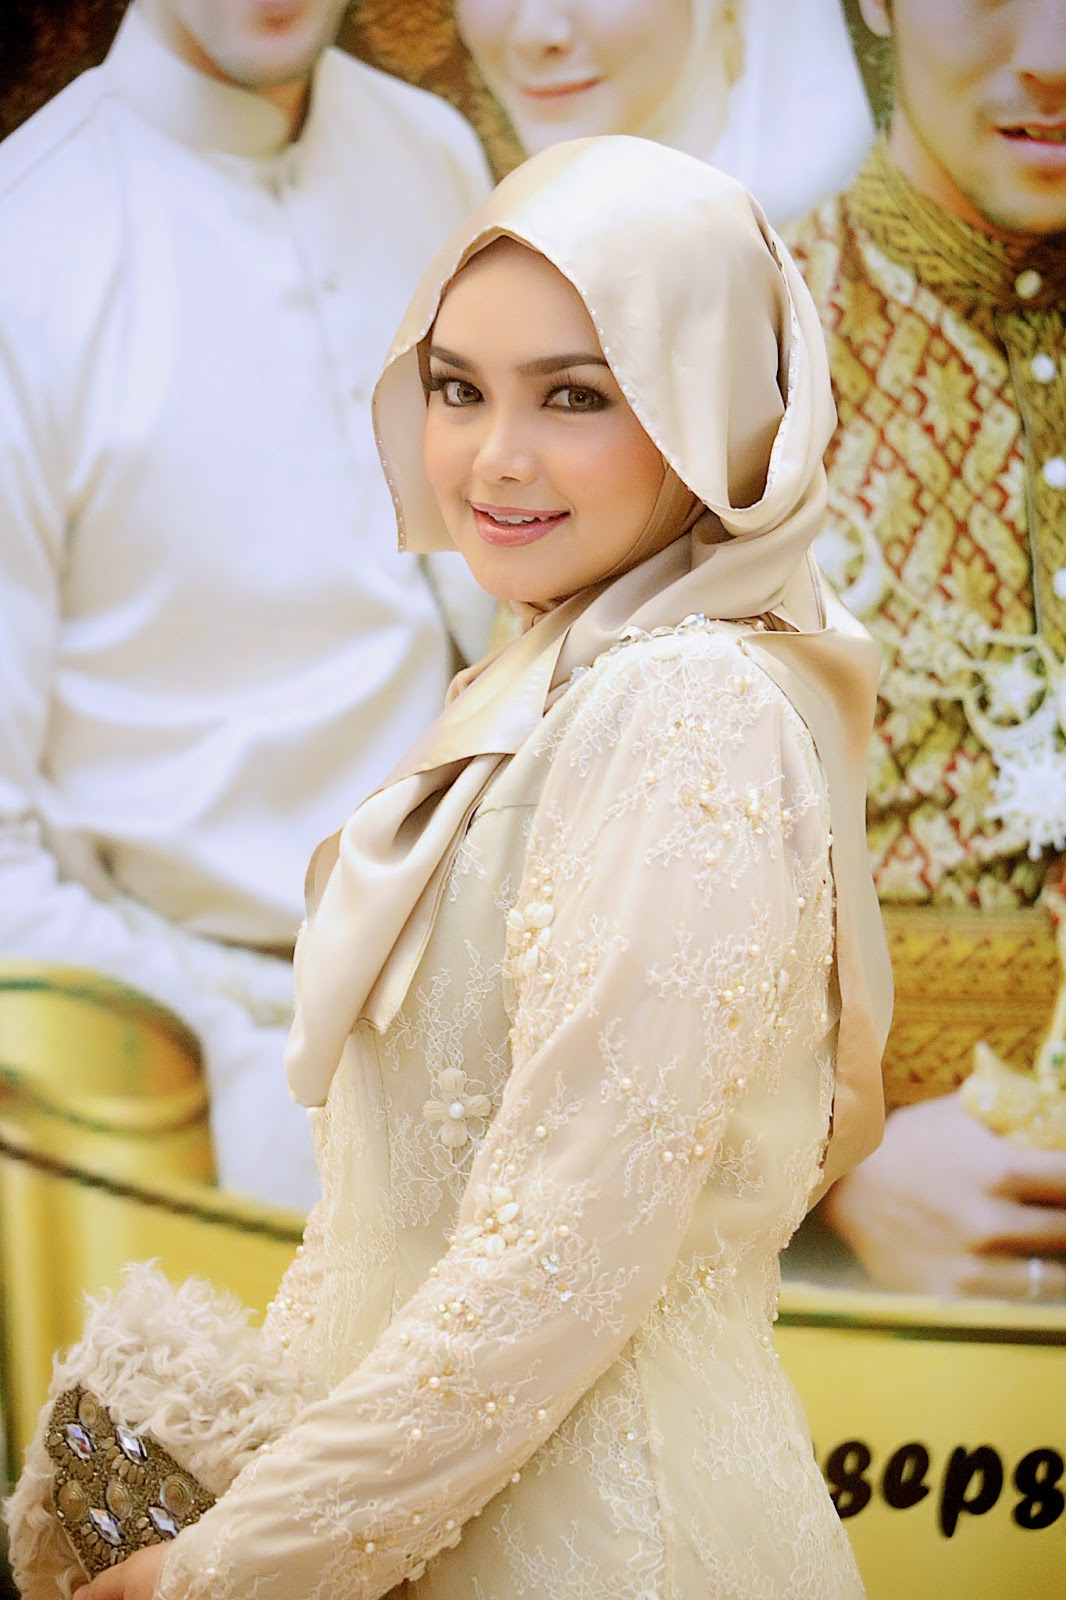 Datuk Siti Nurhaliza Merupakan Wanita Ketiga Yang Terkaya Di Malaysia